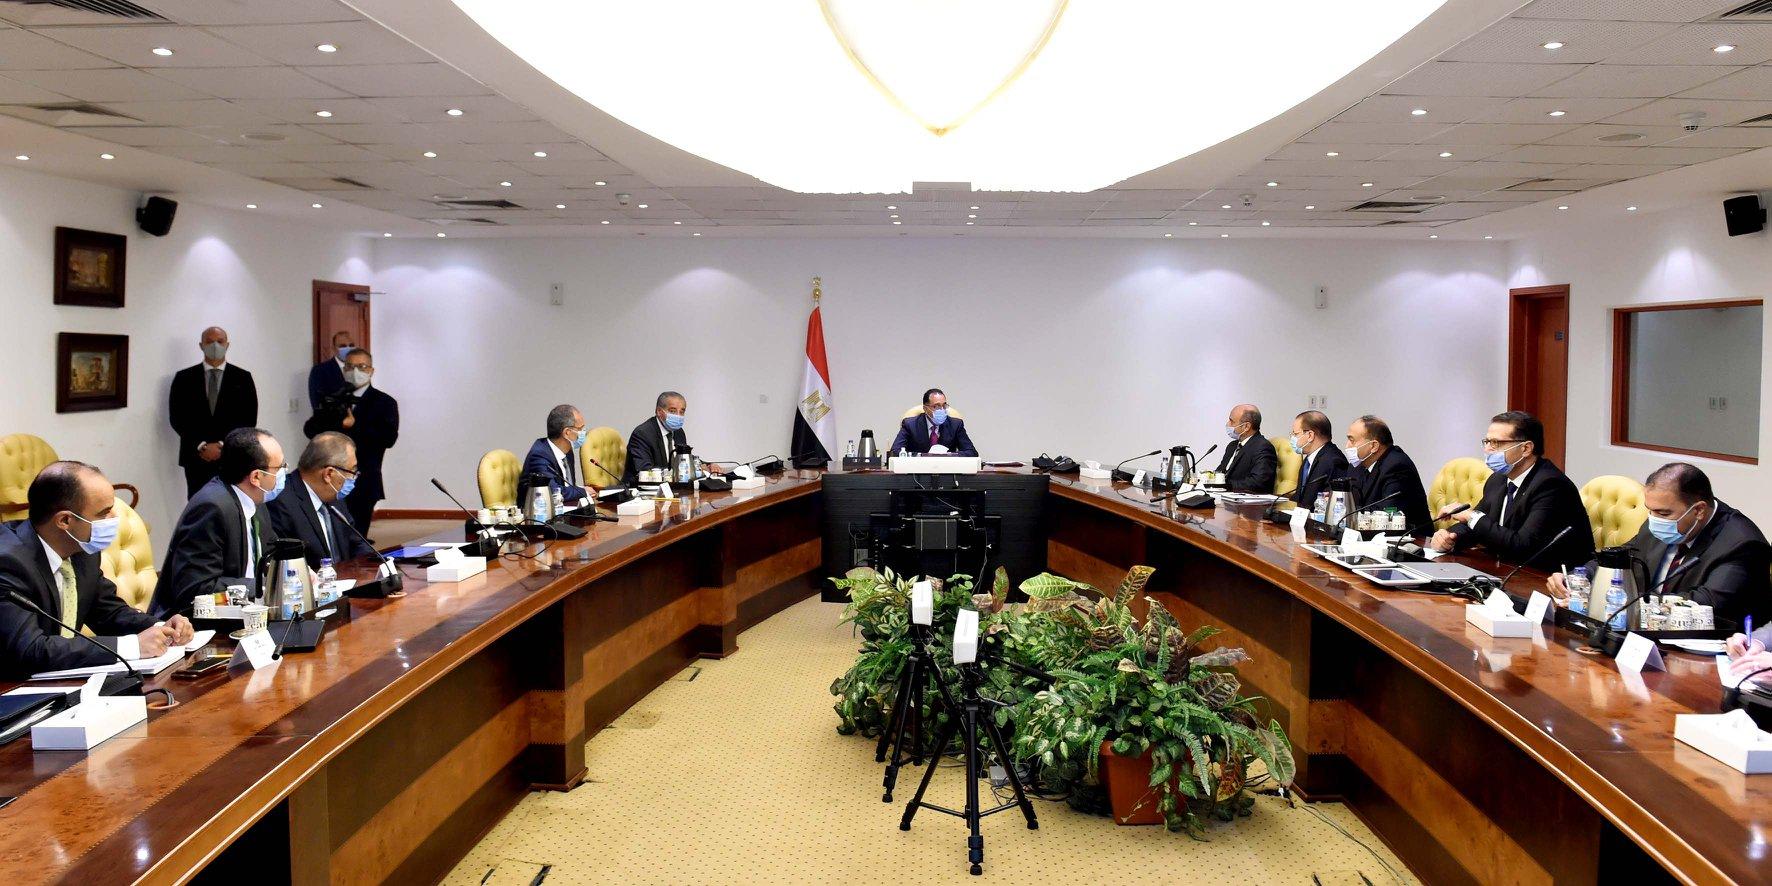 صور | رئيس الوزراء يتابع جهود توفير الخدمات عبر منصة مصر الرقمية